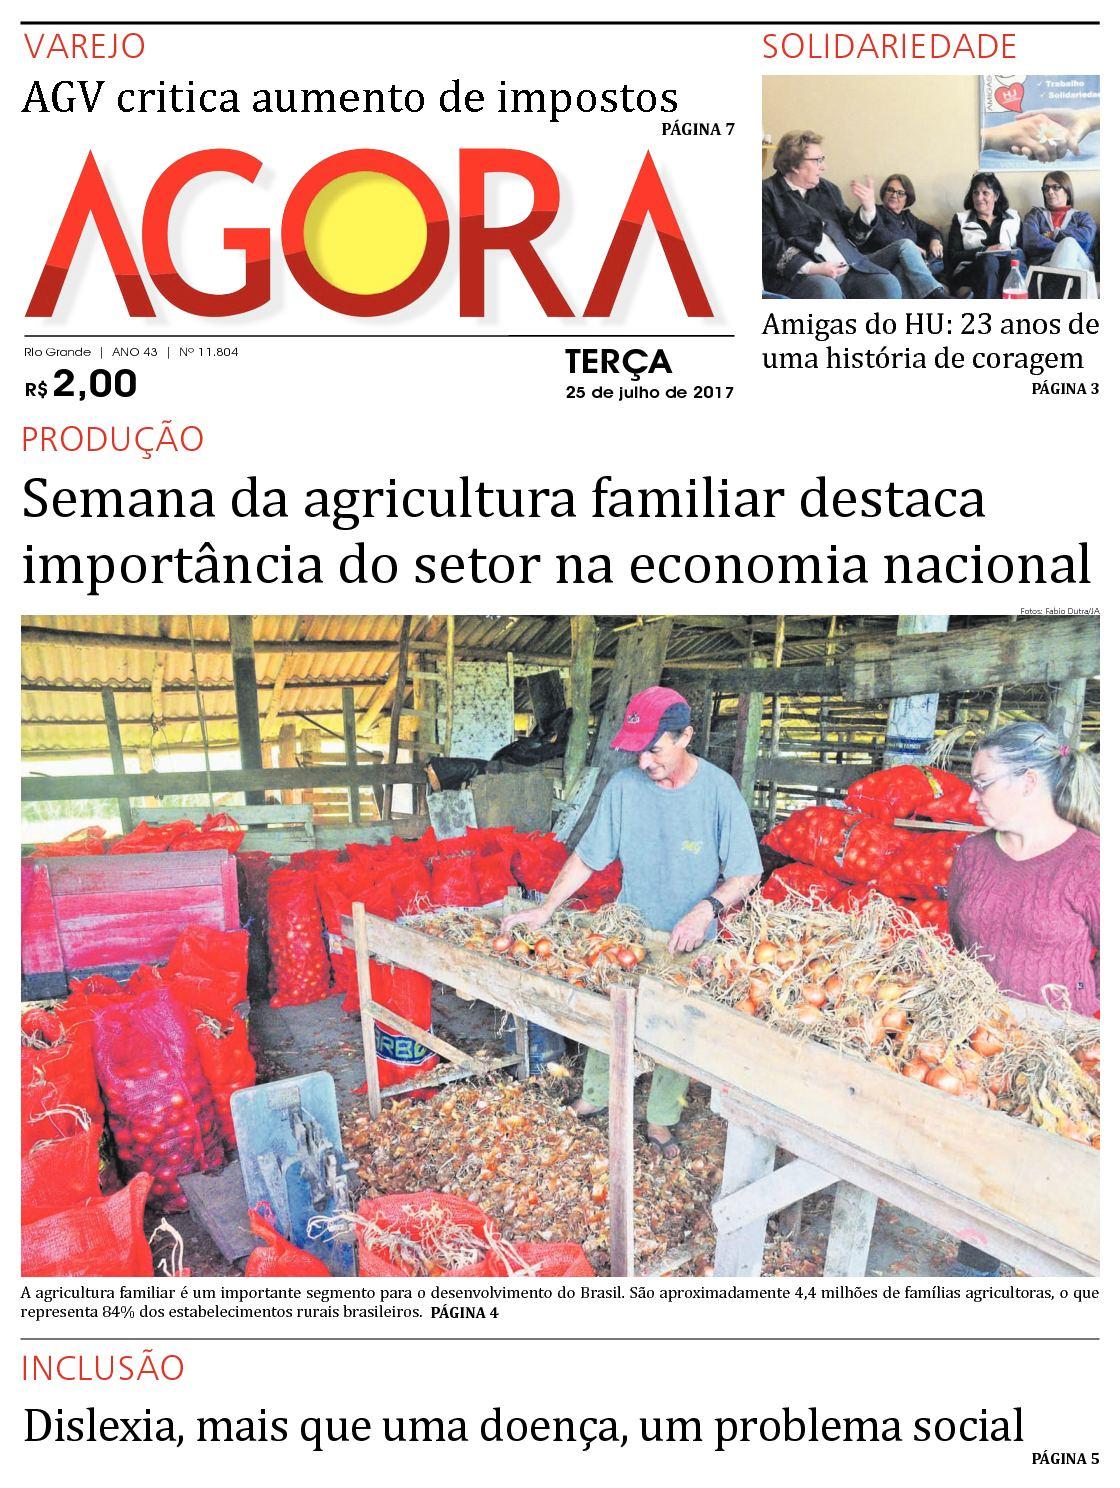 482874507 Calaméo - Jornal Agora - Edição 11804 - 25 de Julho de 2017